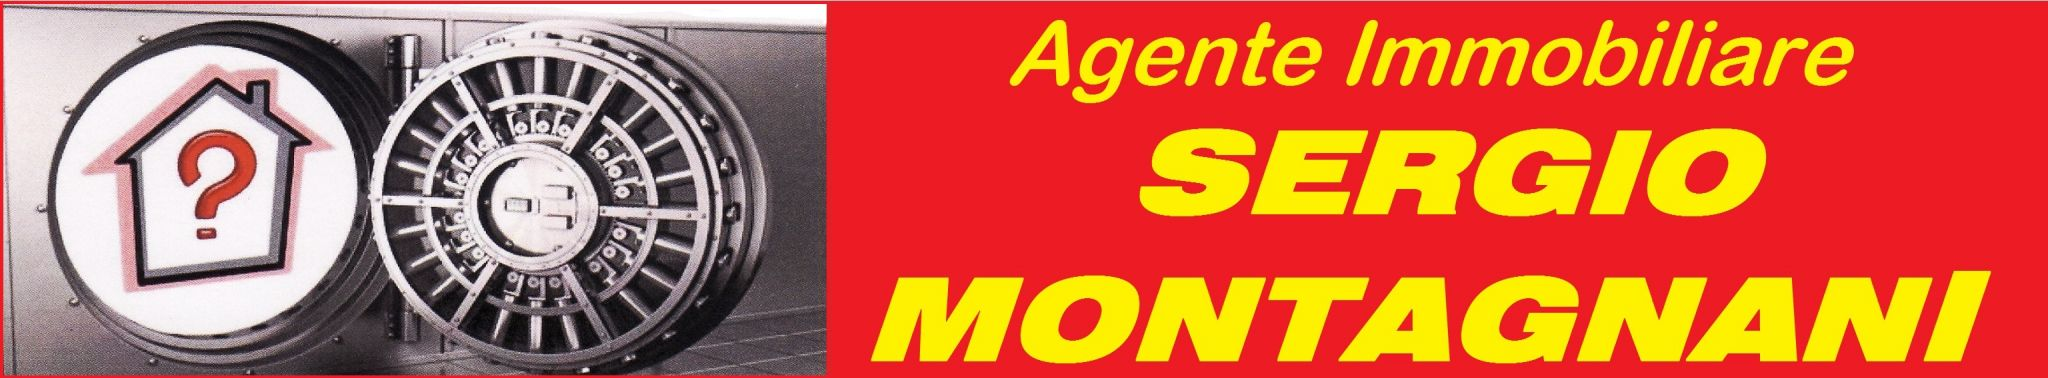 Agenzia Immobiliare di Montagnani Sergio